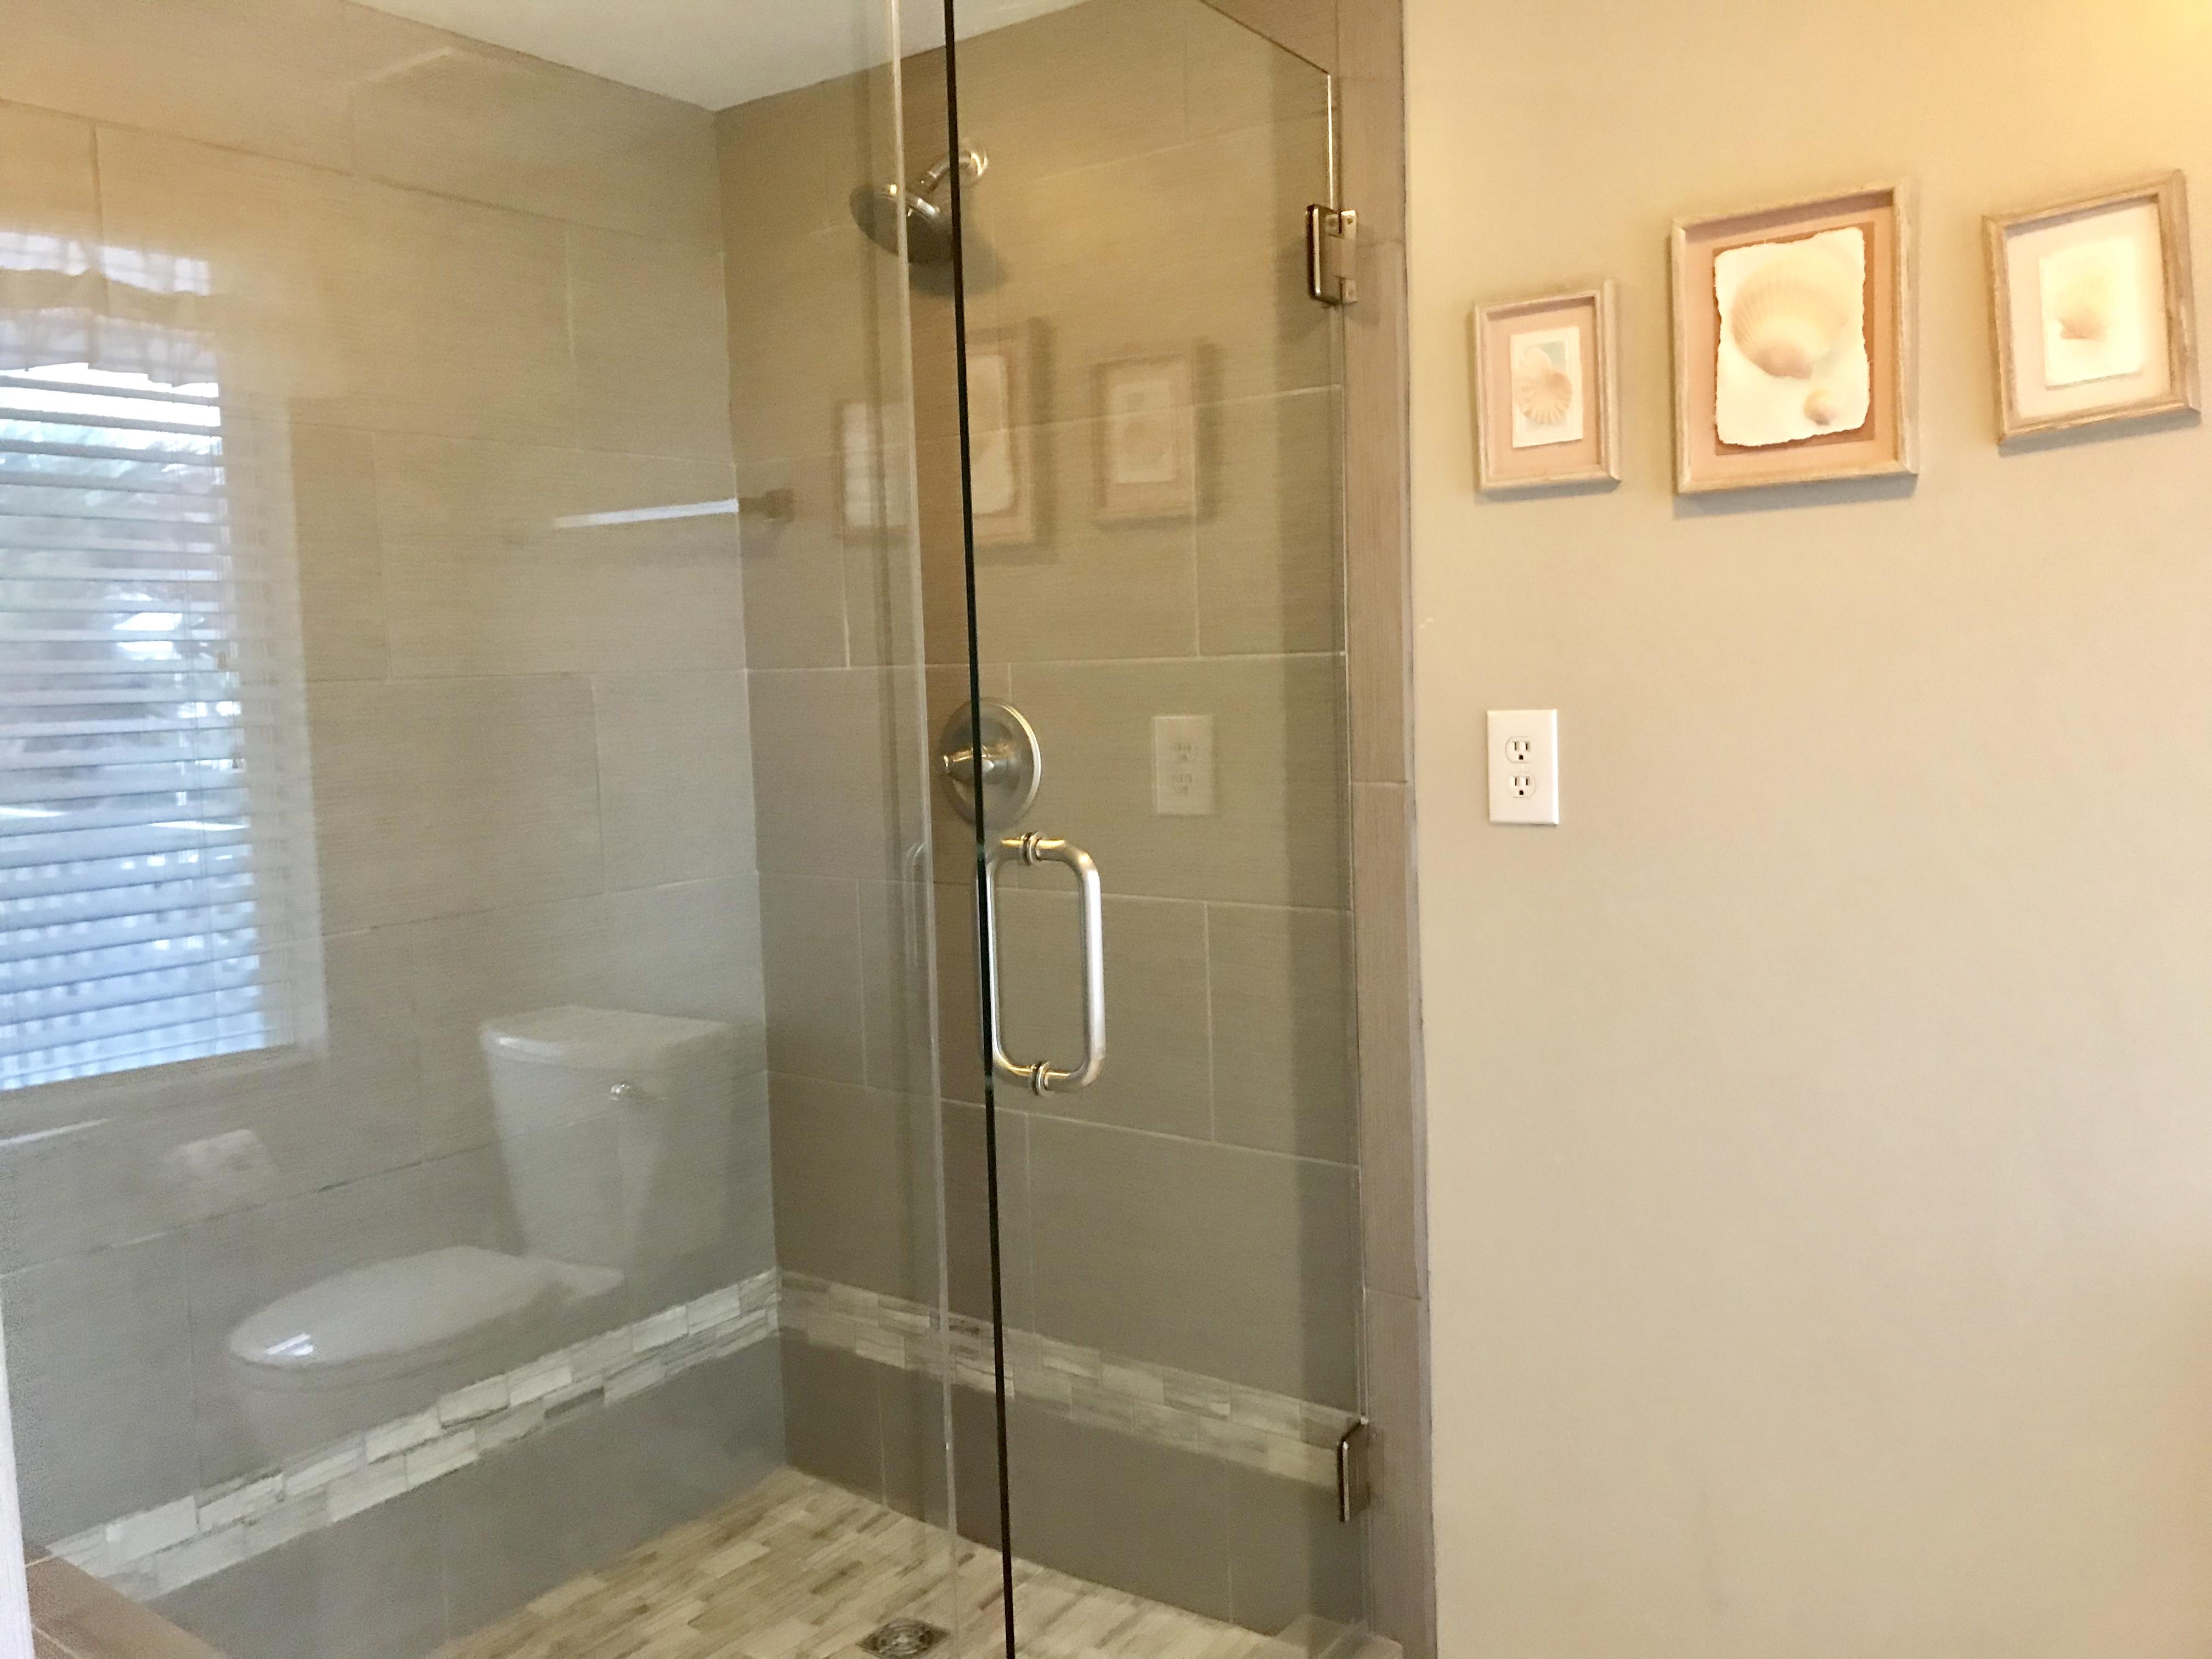 Ocean House 1201 Condo rental in Ocean House - Gulf Shores in Gulf Shores Alabama - #24